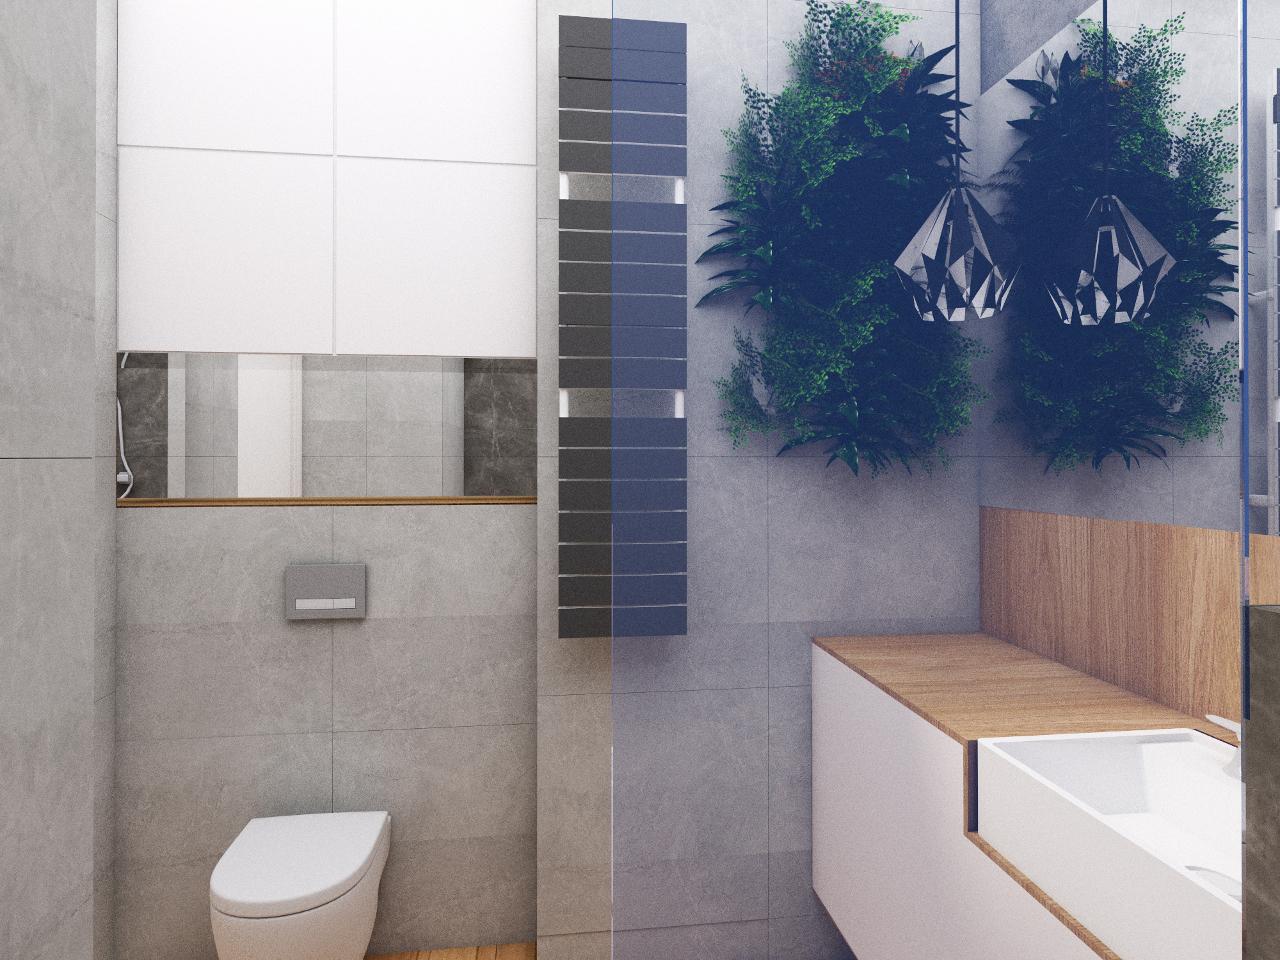 Łazienka z roślinami i szarymi płytkami